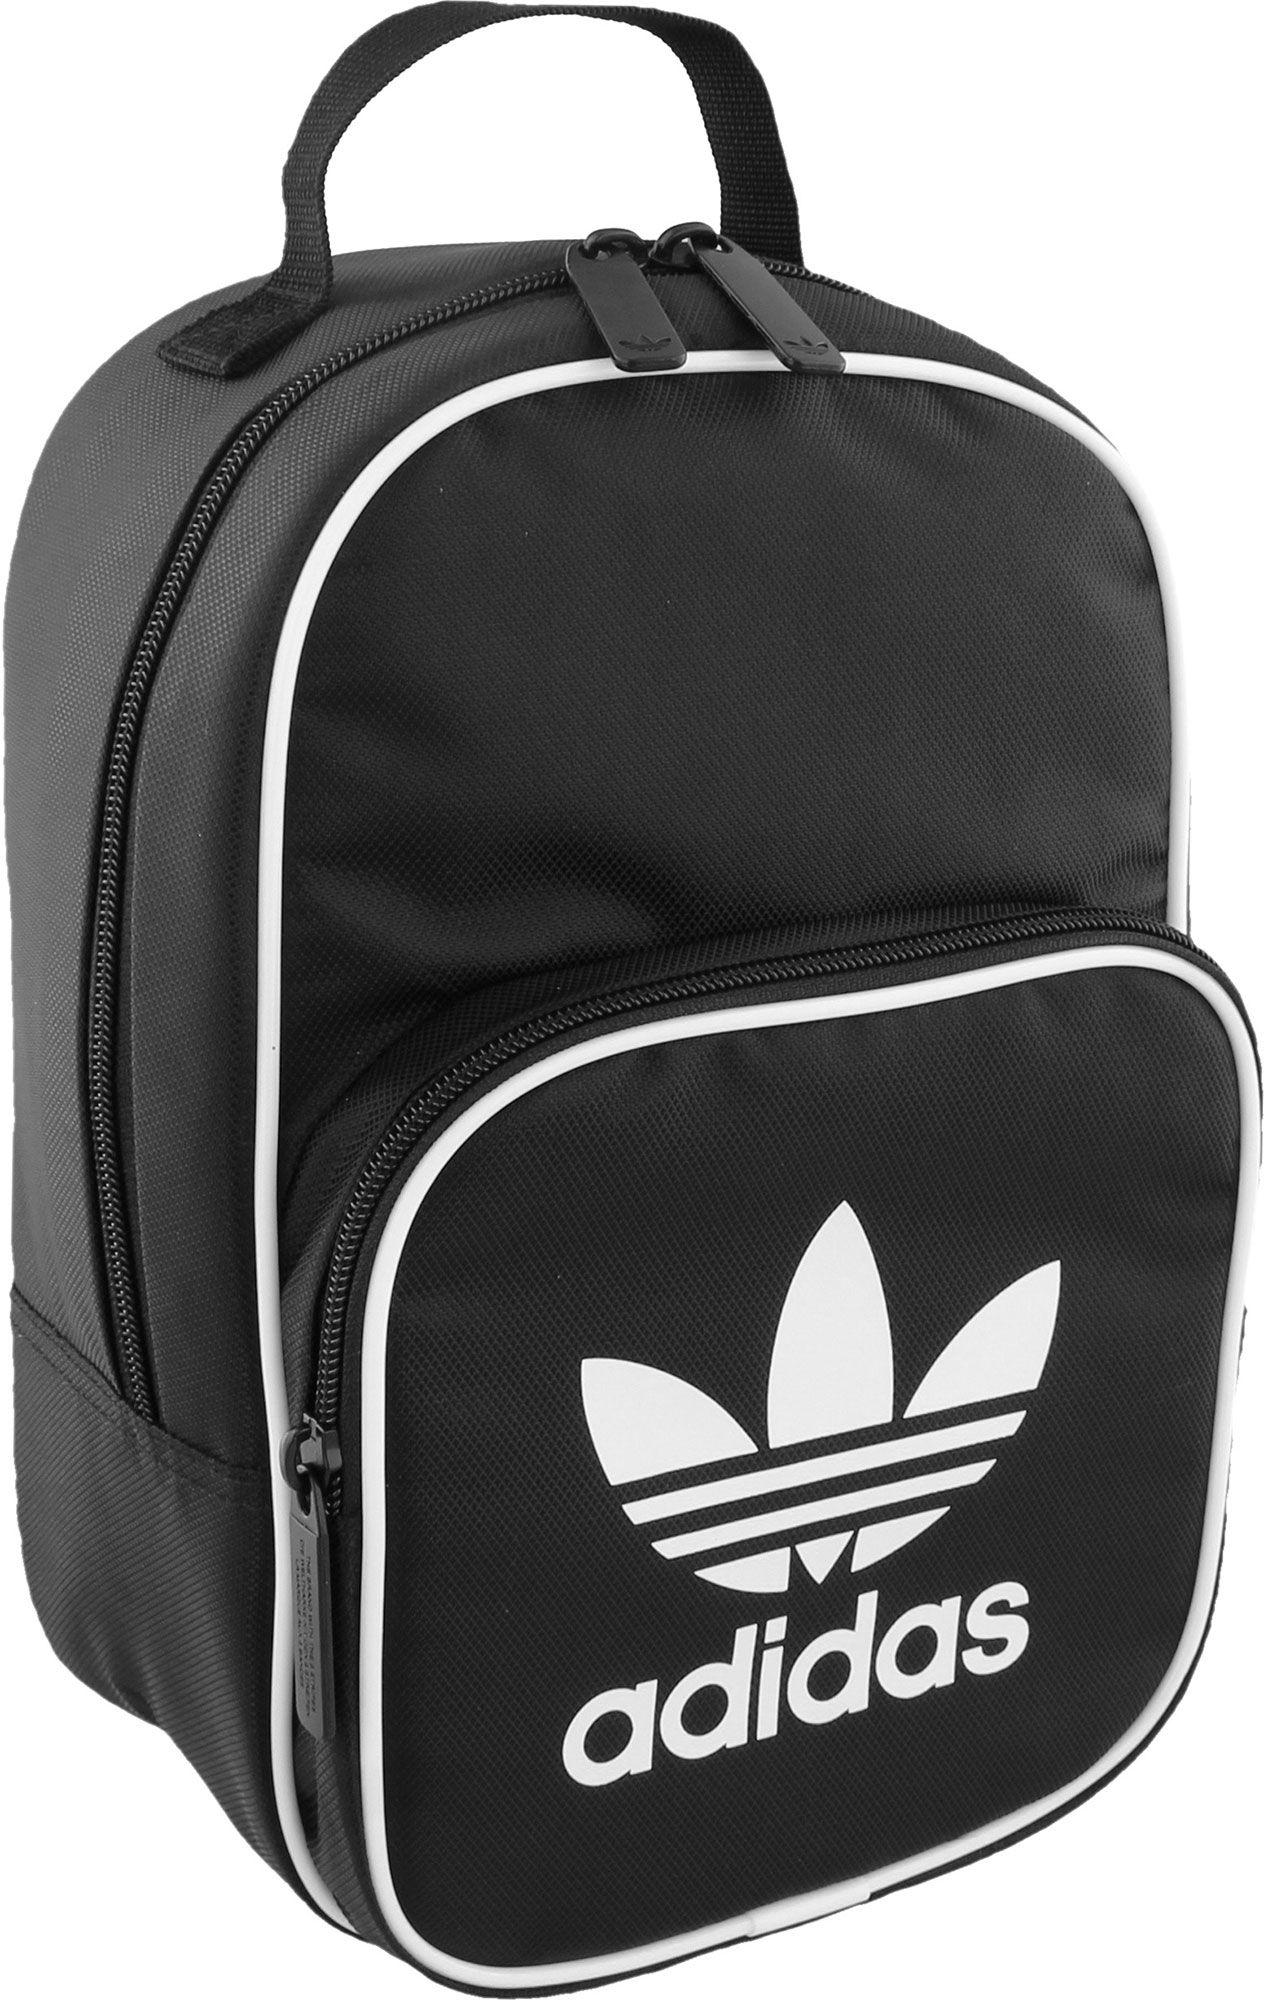 adidas Originals Santiago Lunch Bag 643e4d84ae0a3